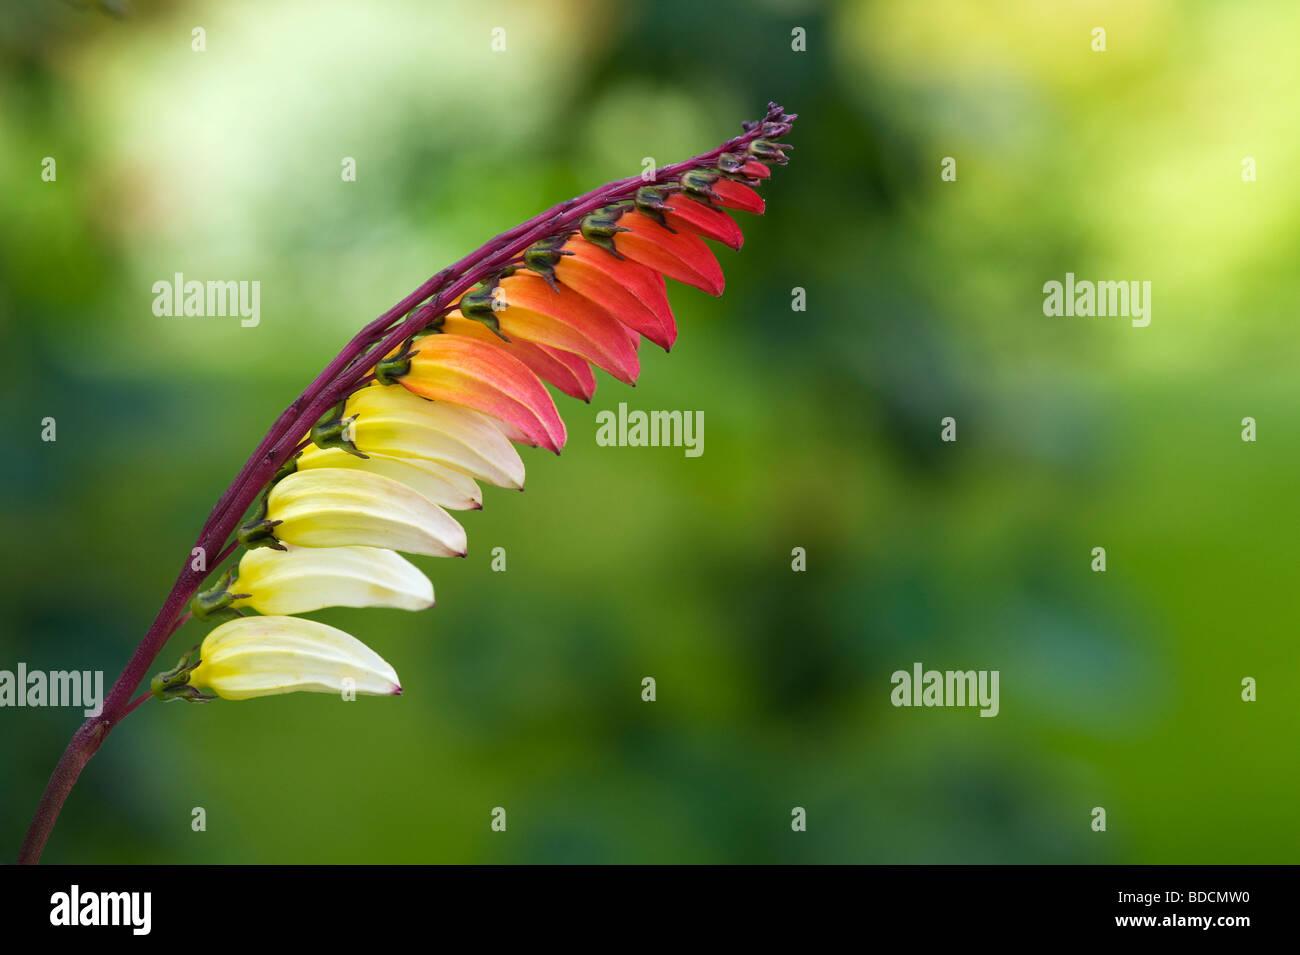 Ipomoea lobata. Petardo vite in fiore. Regno Unito Immagini Stock